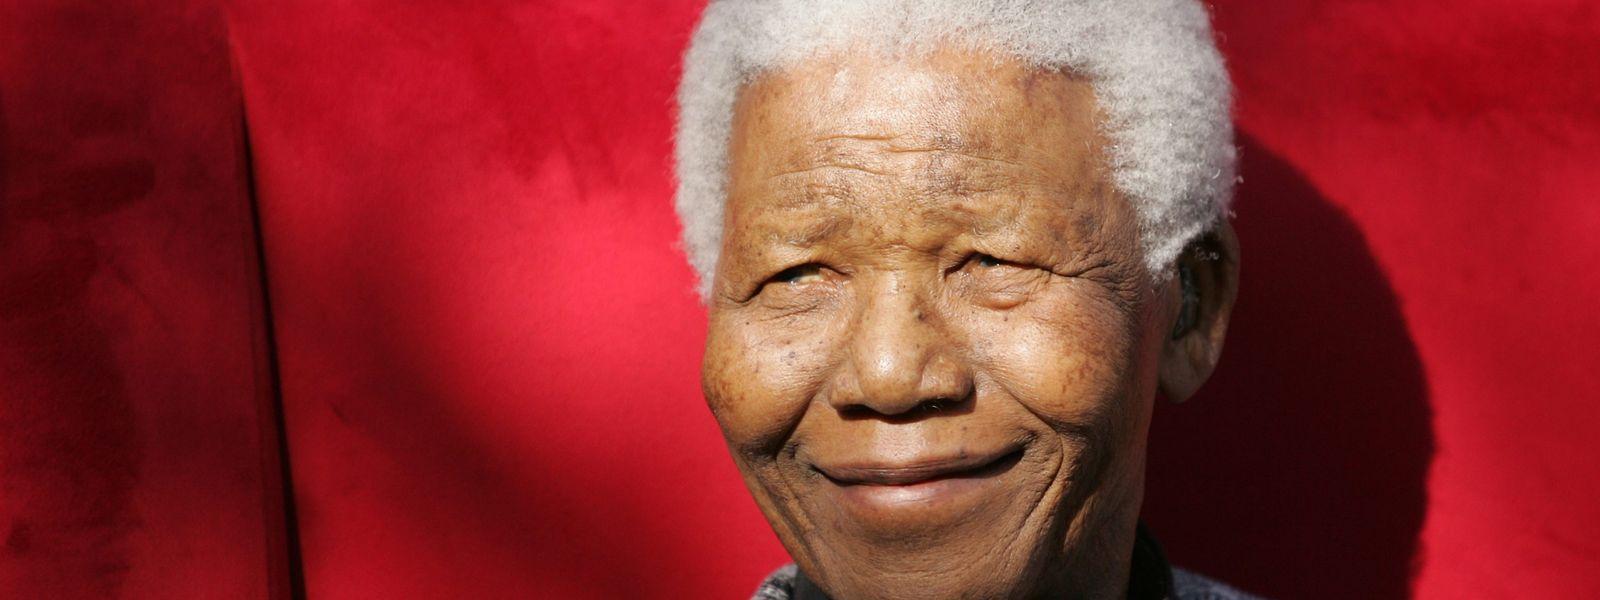 Friedensnobelpreisgewinner Nelson Mandela: Der Architekt des neuen, demokratischen Südafrikas wäre am 18. Juli 100 Jahre alt geworden.